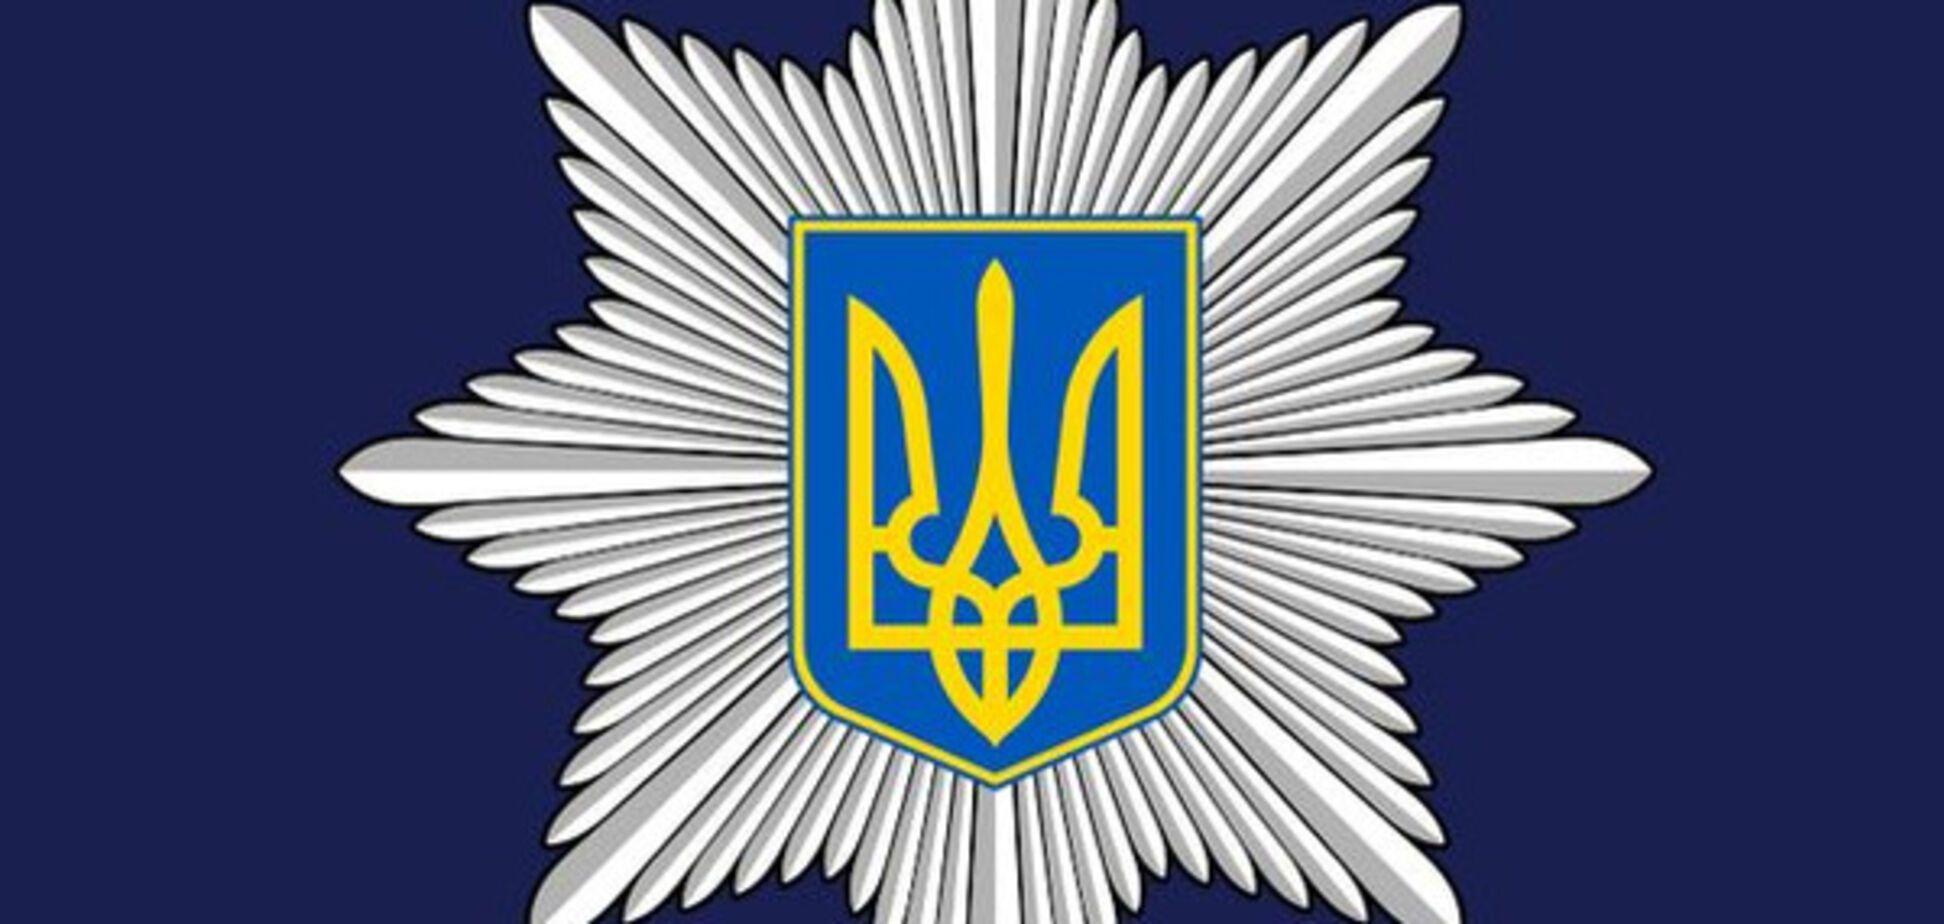 В Запорожской области отстранили начальника полиции после праздничных мероприятий